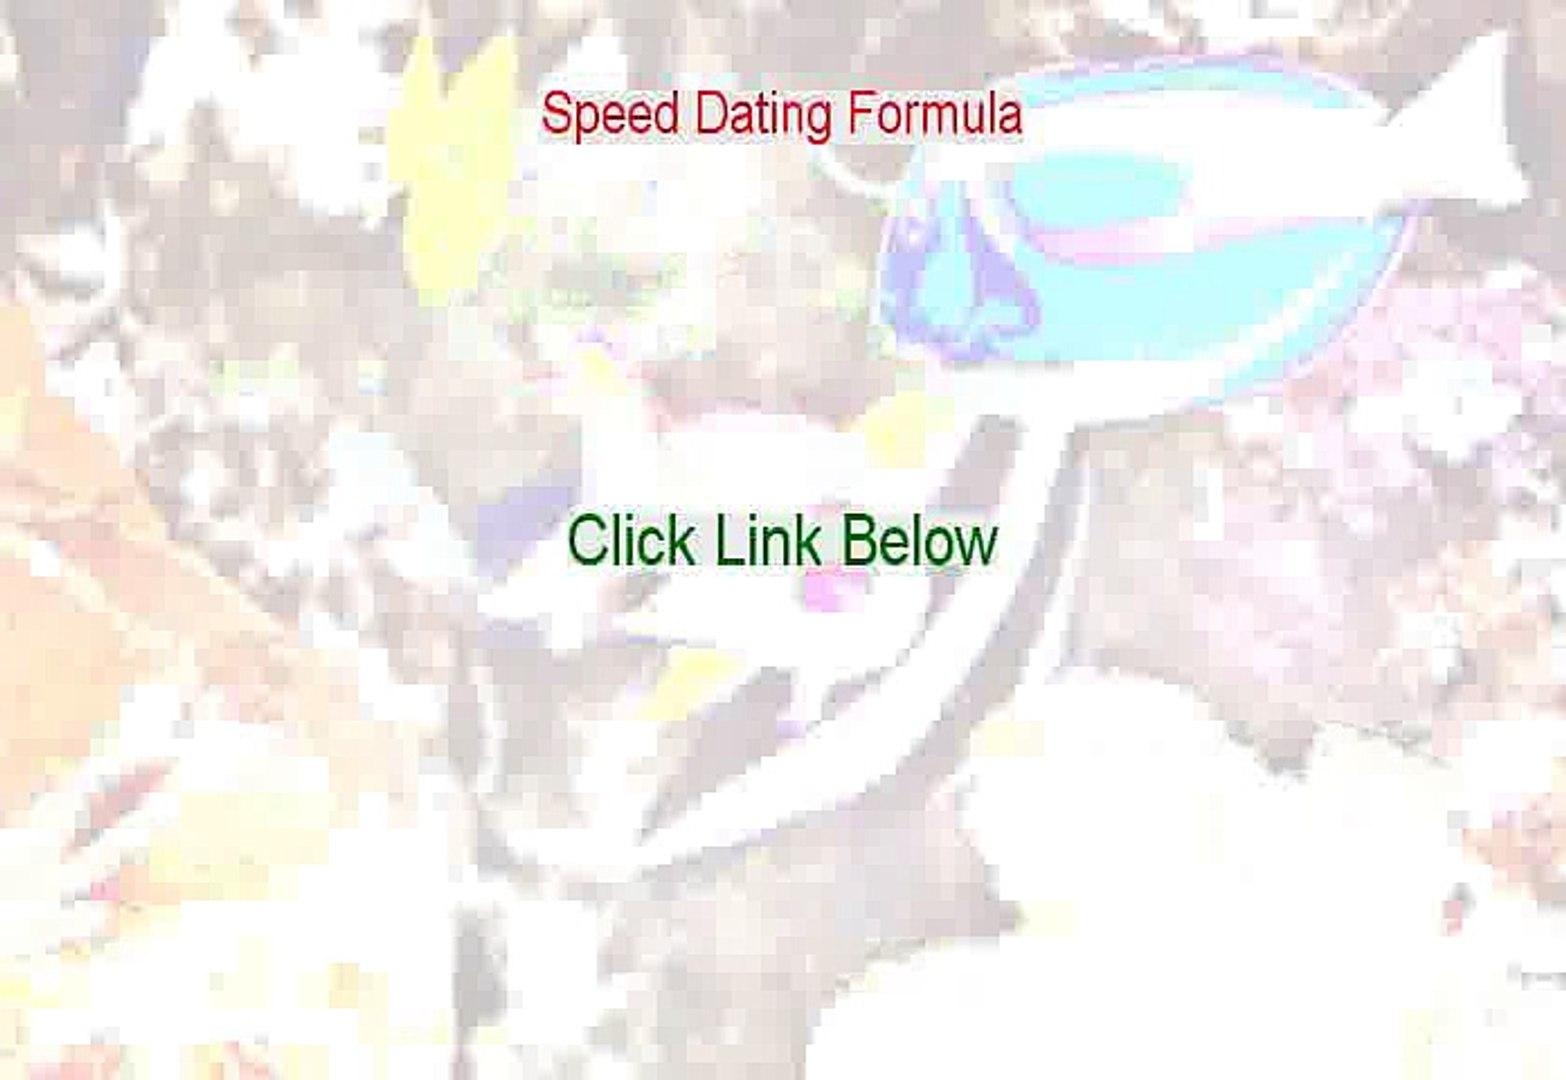 Kuinka vanha voi hiilen dating mennä